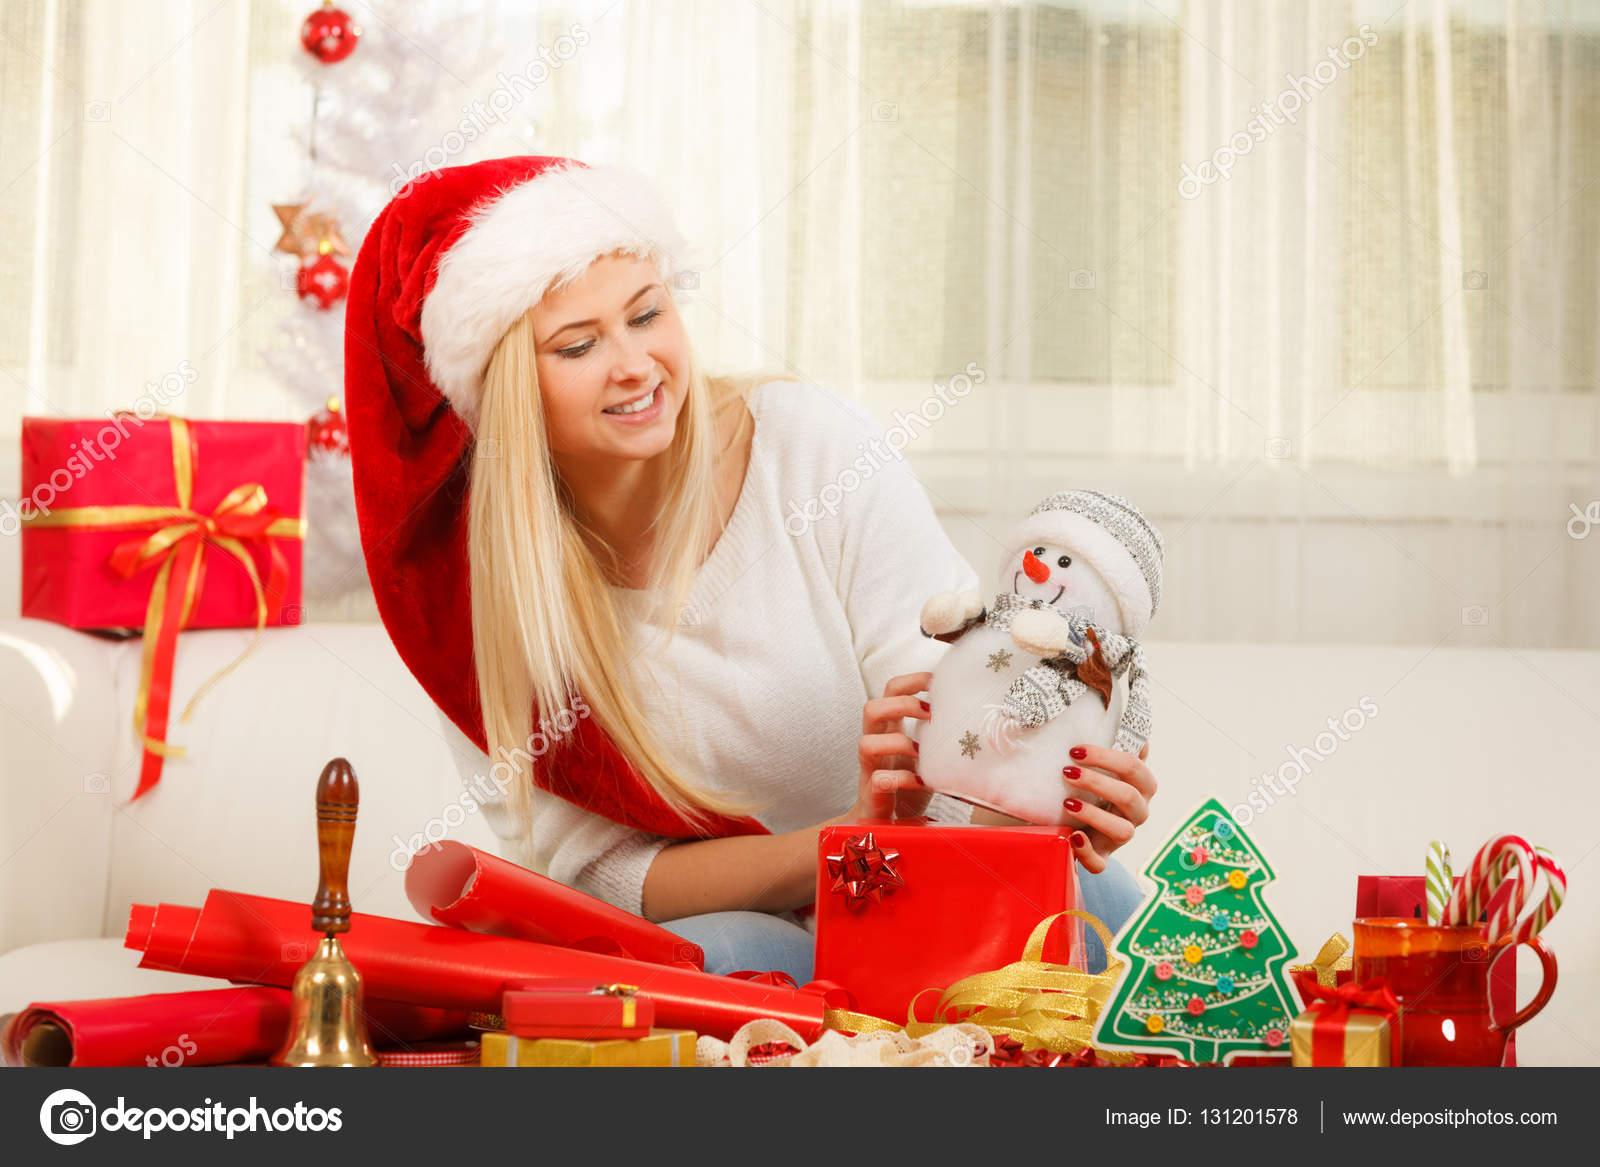 Junge Frau bereitet Geschenke für Weihnachten — Stockfoto ...